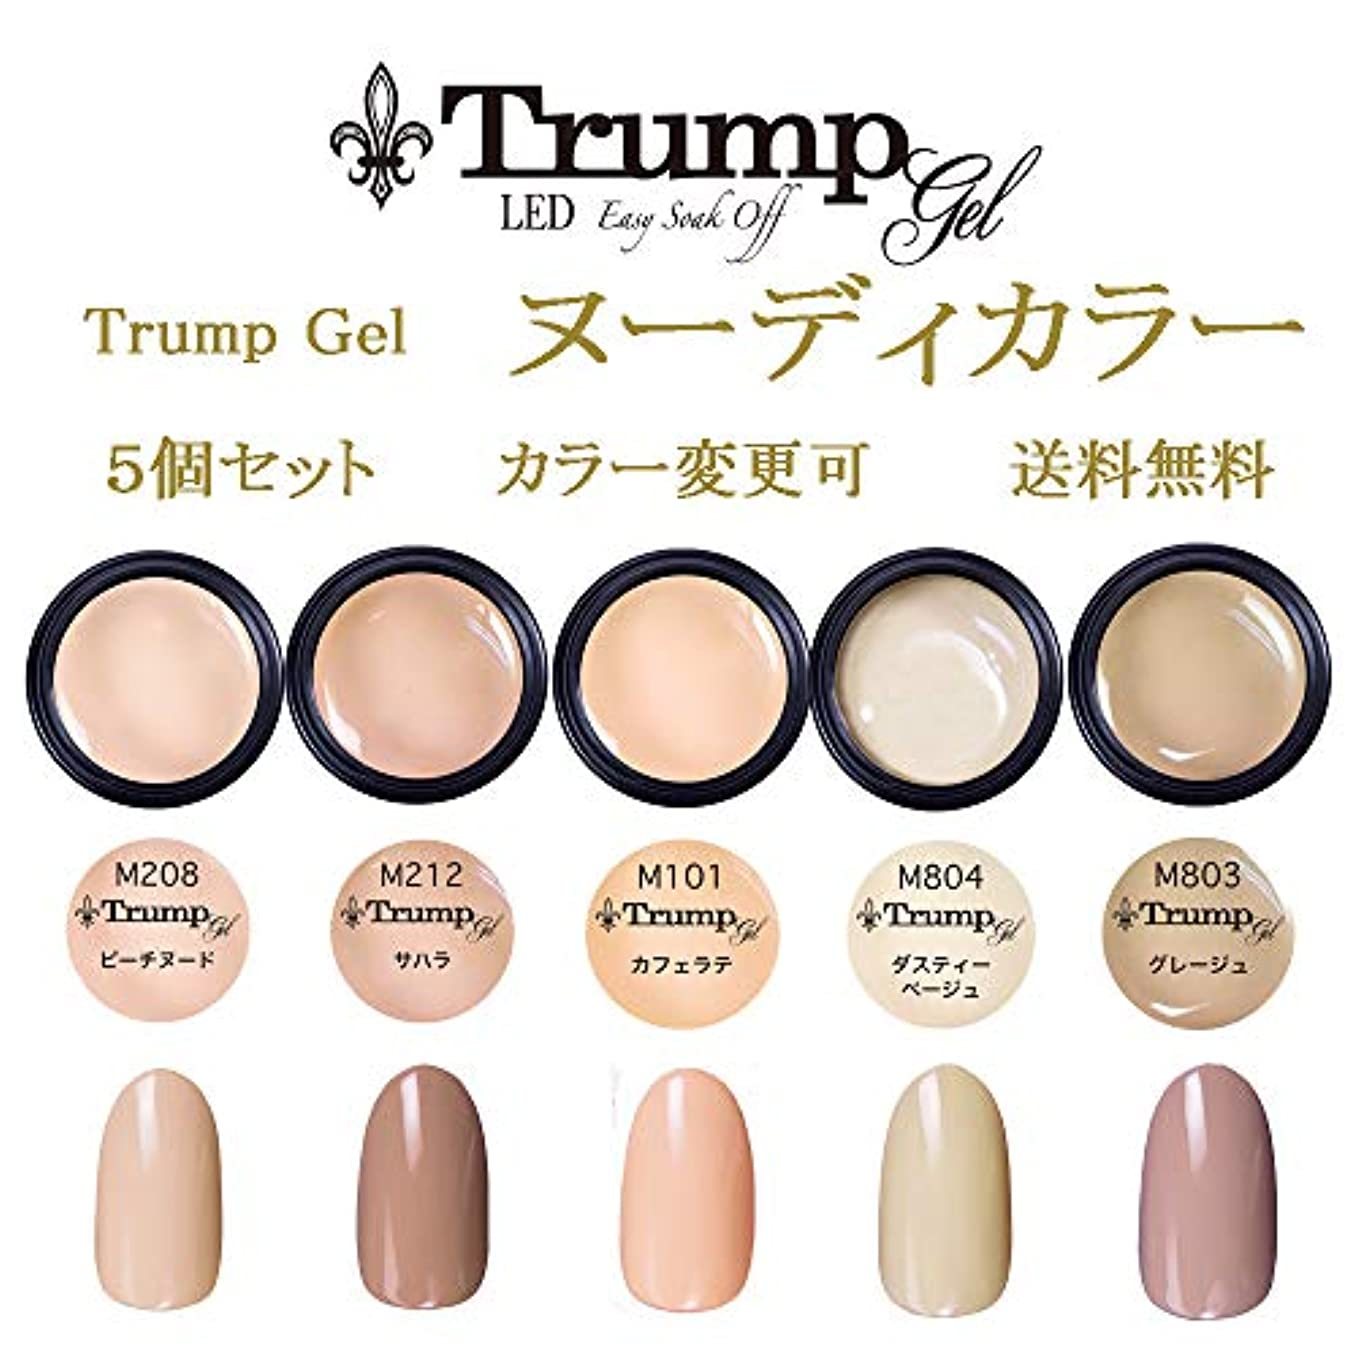 海洋の織る共同選択日本製 Trump gel トランプジェル ヌーディカラー 選べる カラージェル 5個セット ベージュ ブラウン ピンク